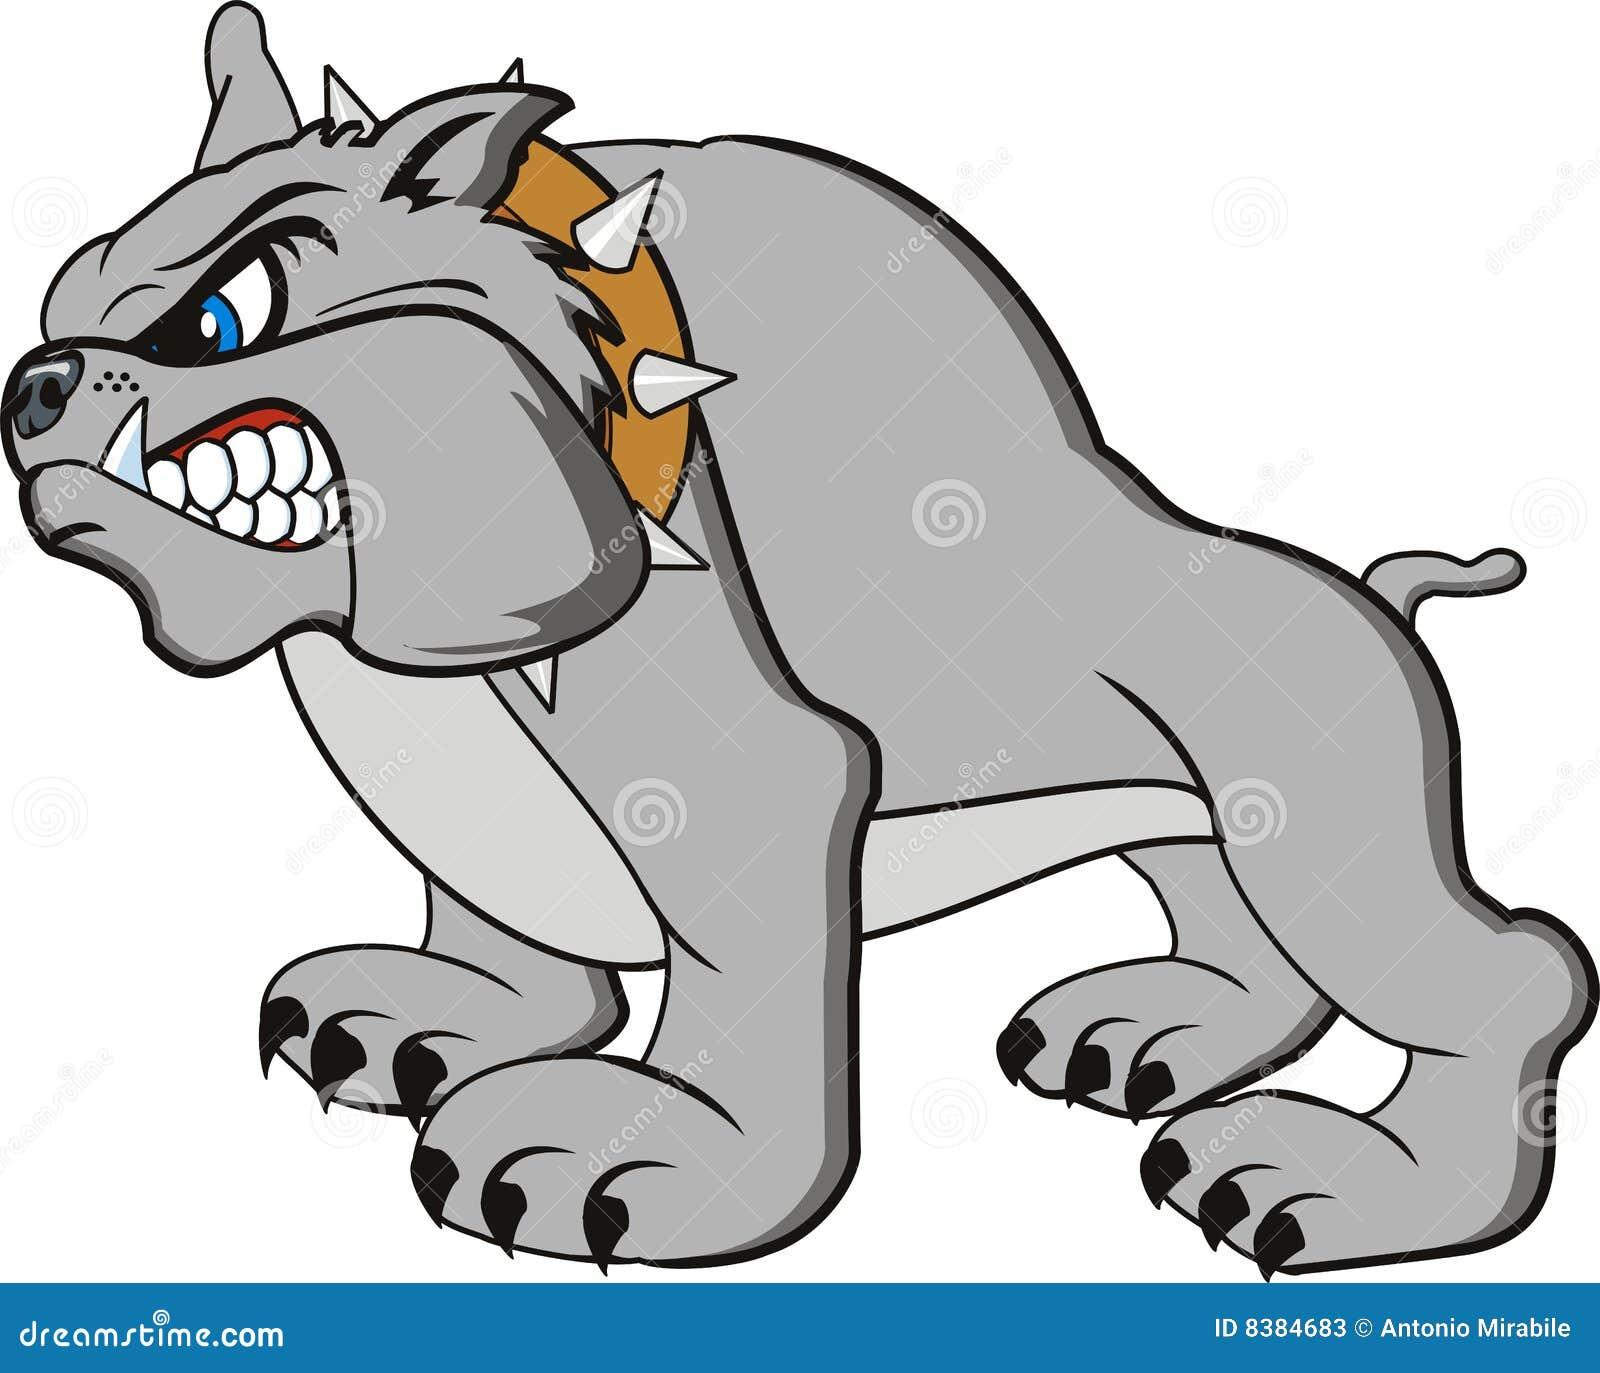 Bulldog Cartoon Stock Vector Image Of Domestic Furious